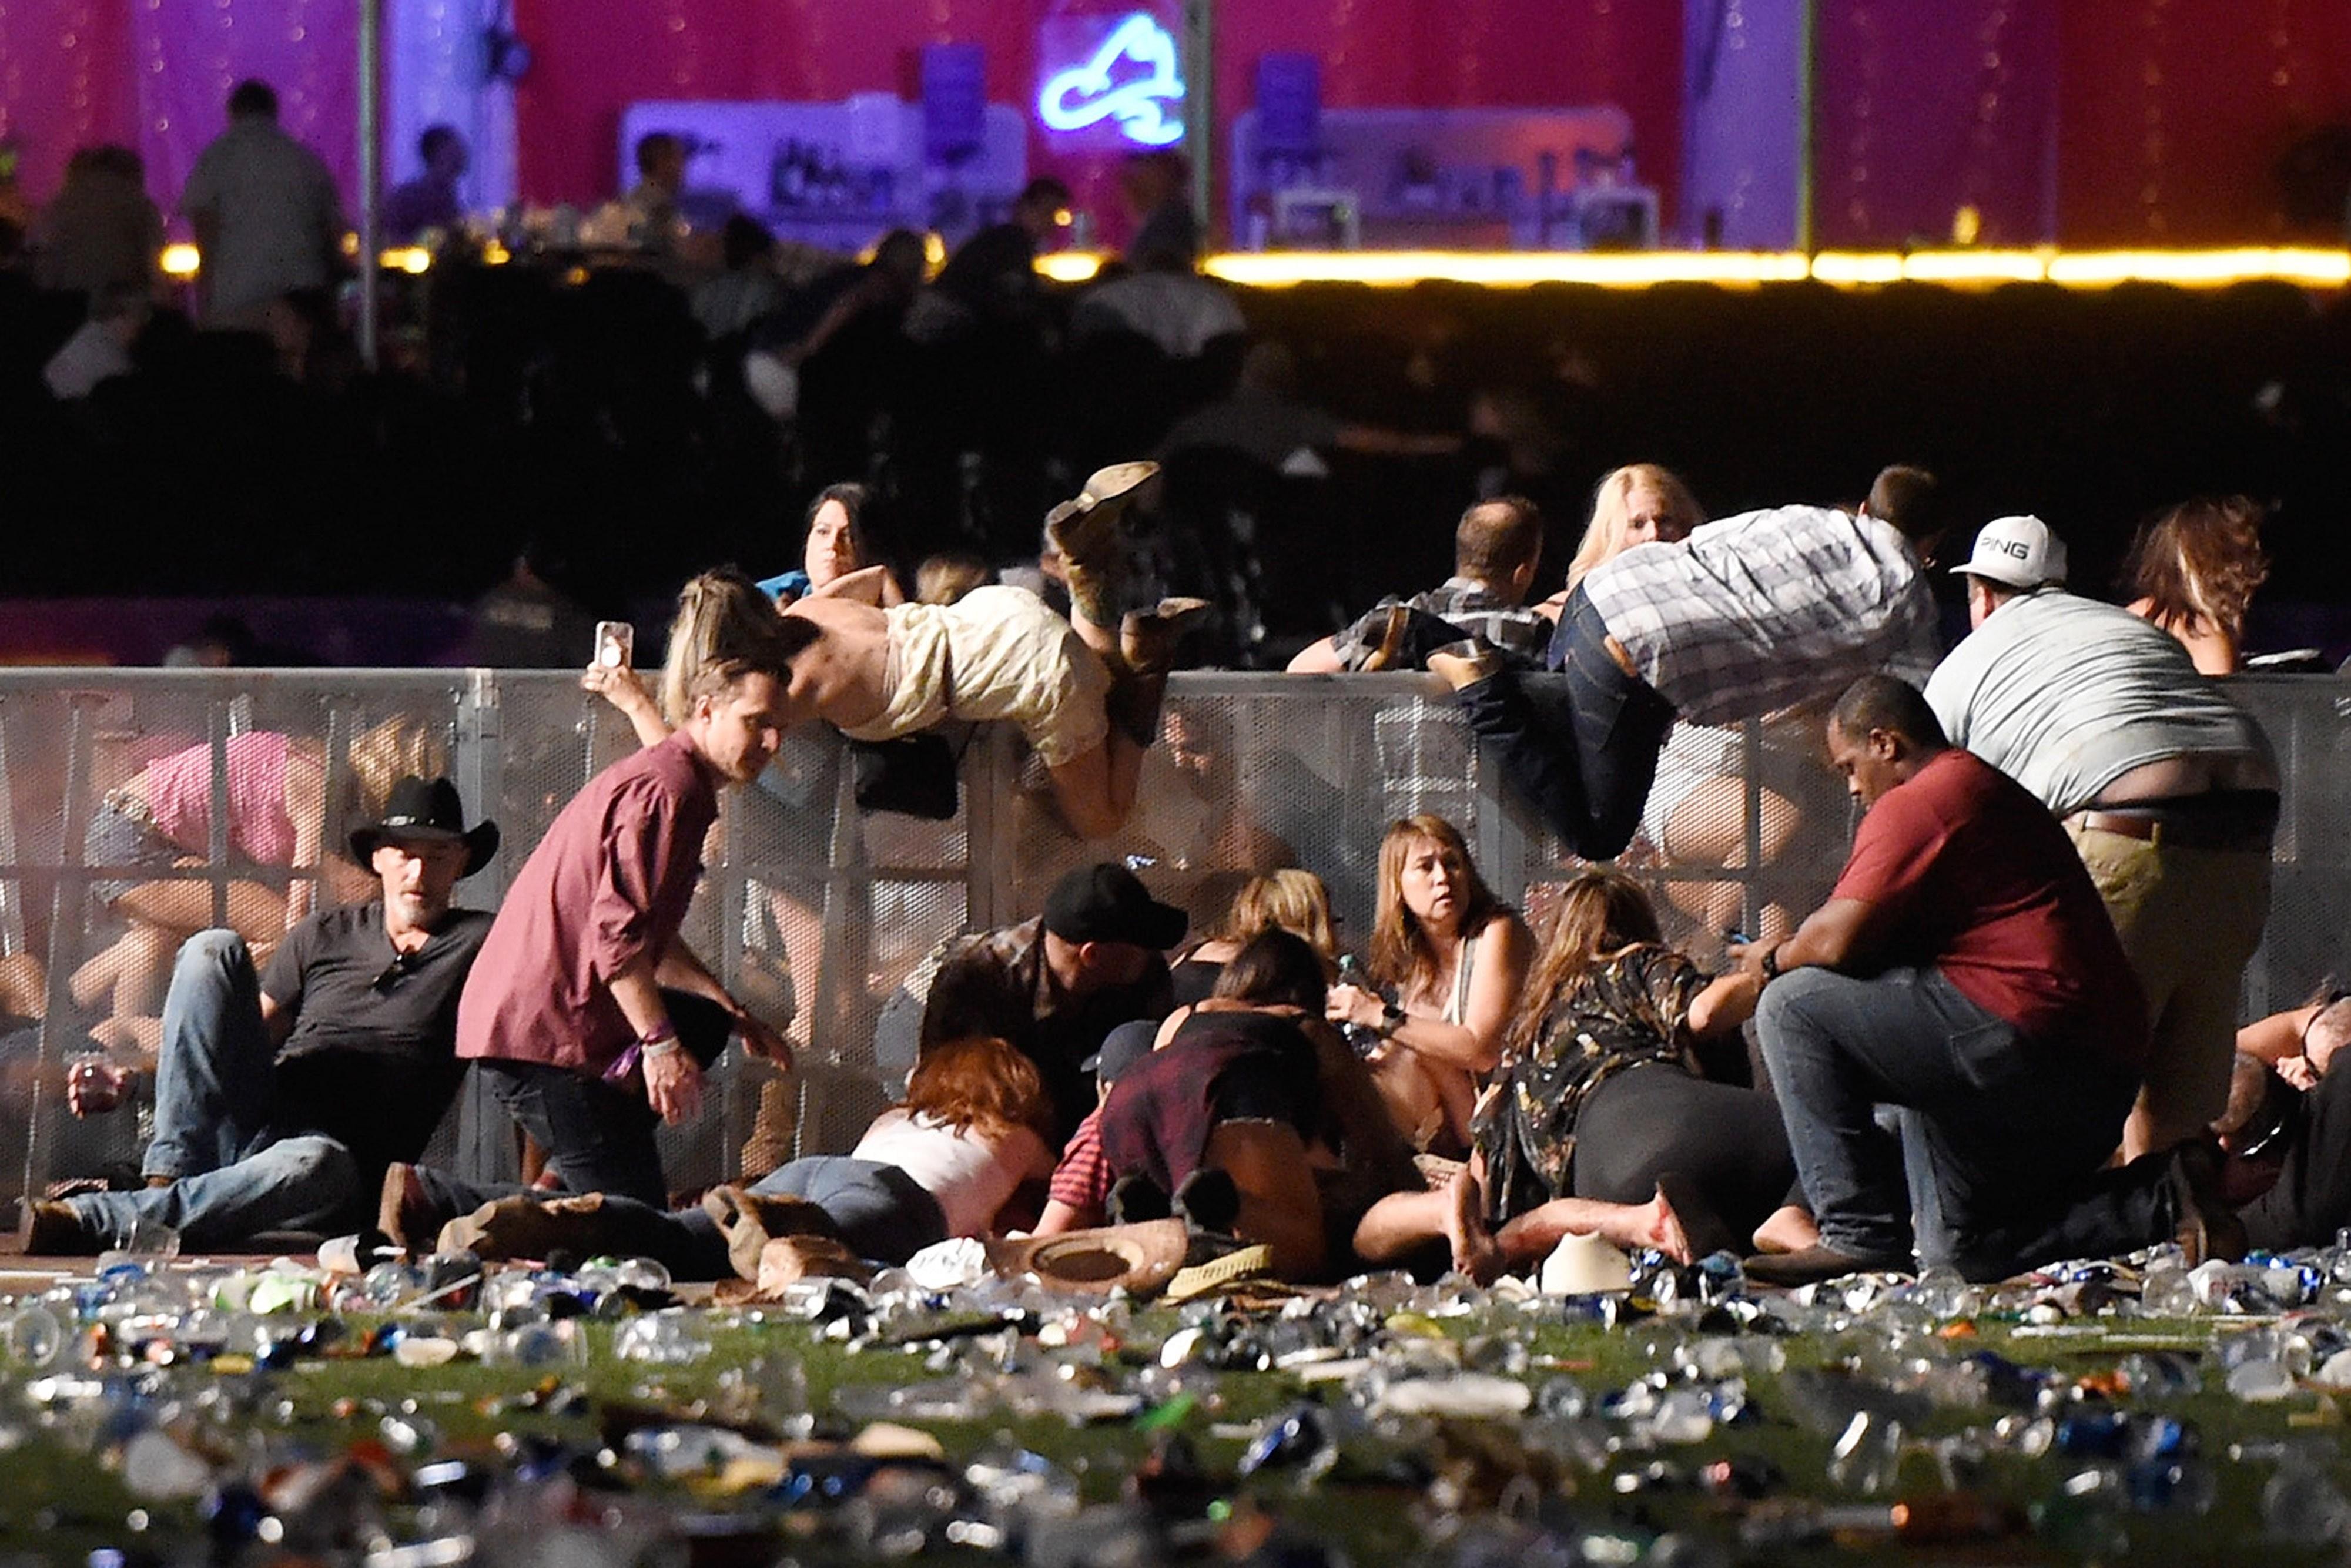 Foto feita no atentado em Las Vegas, outubro de 2017 (Foto: David Becker/Getty Images)